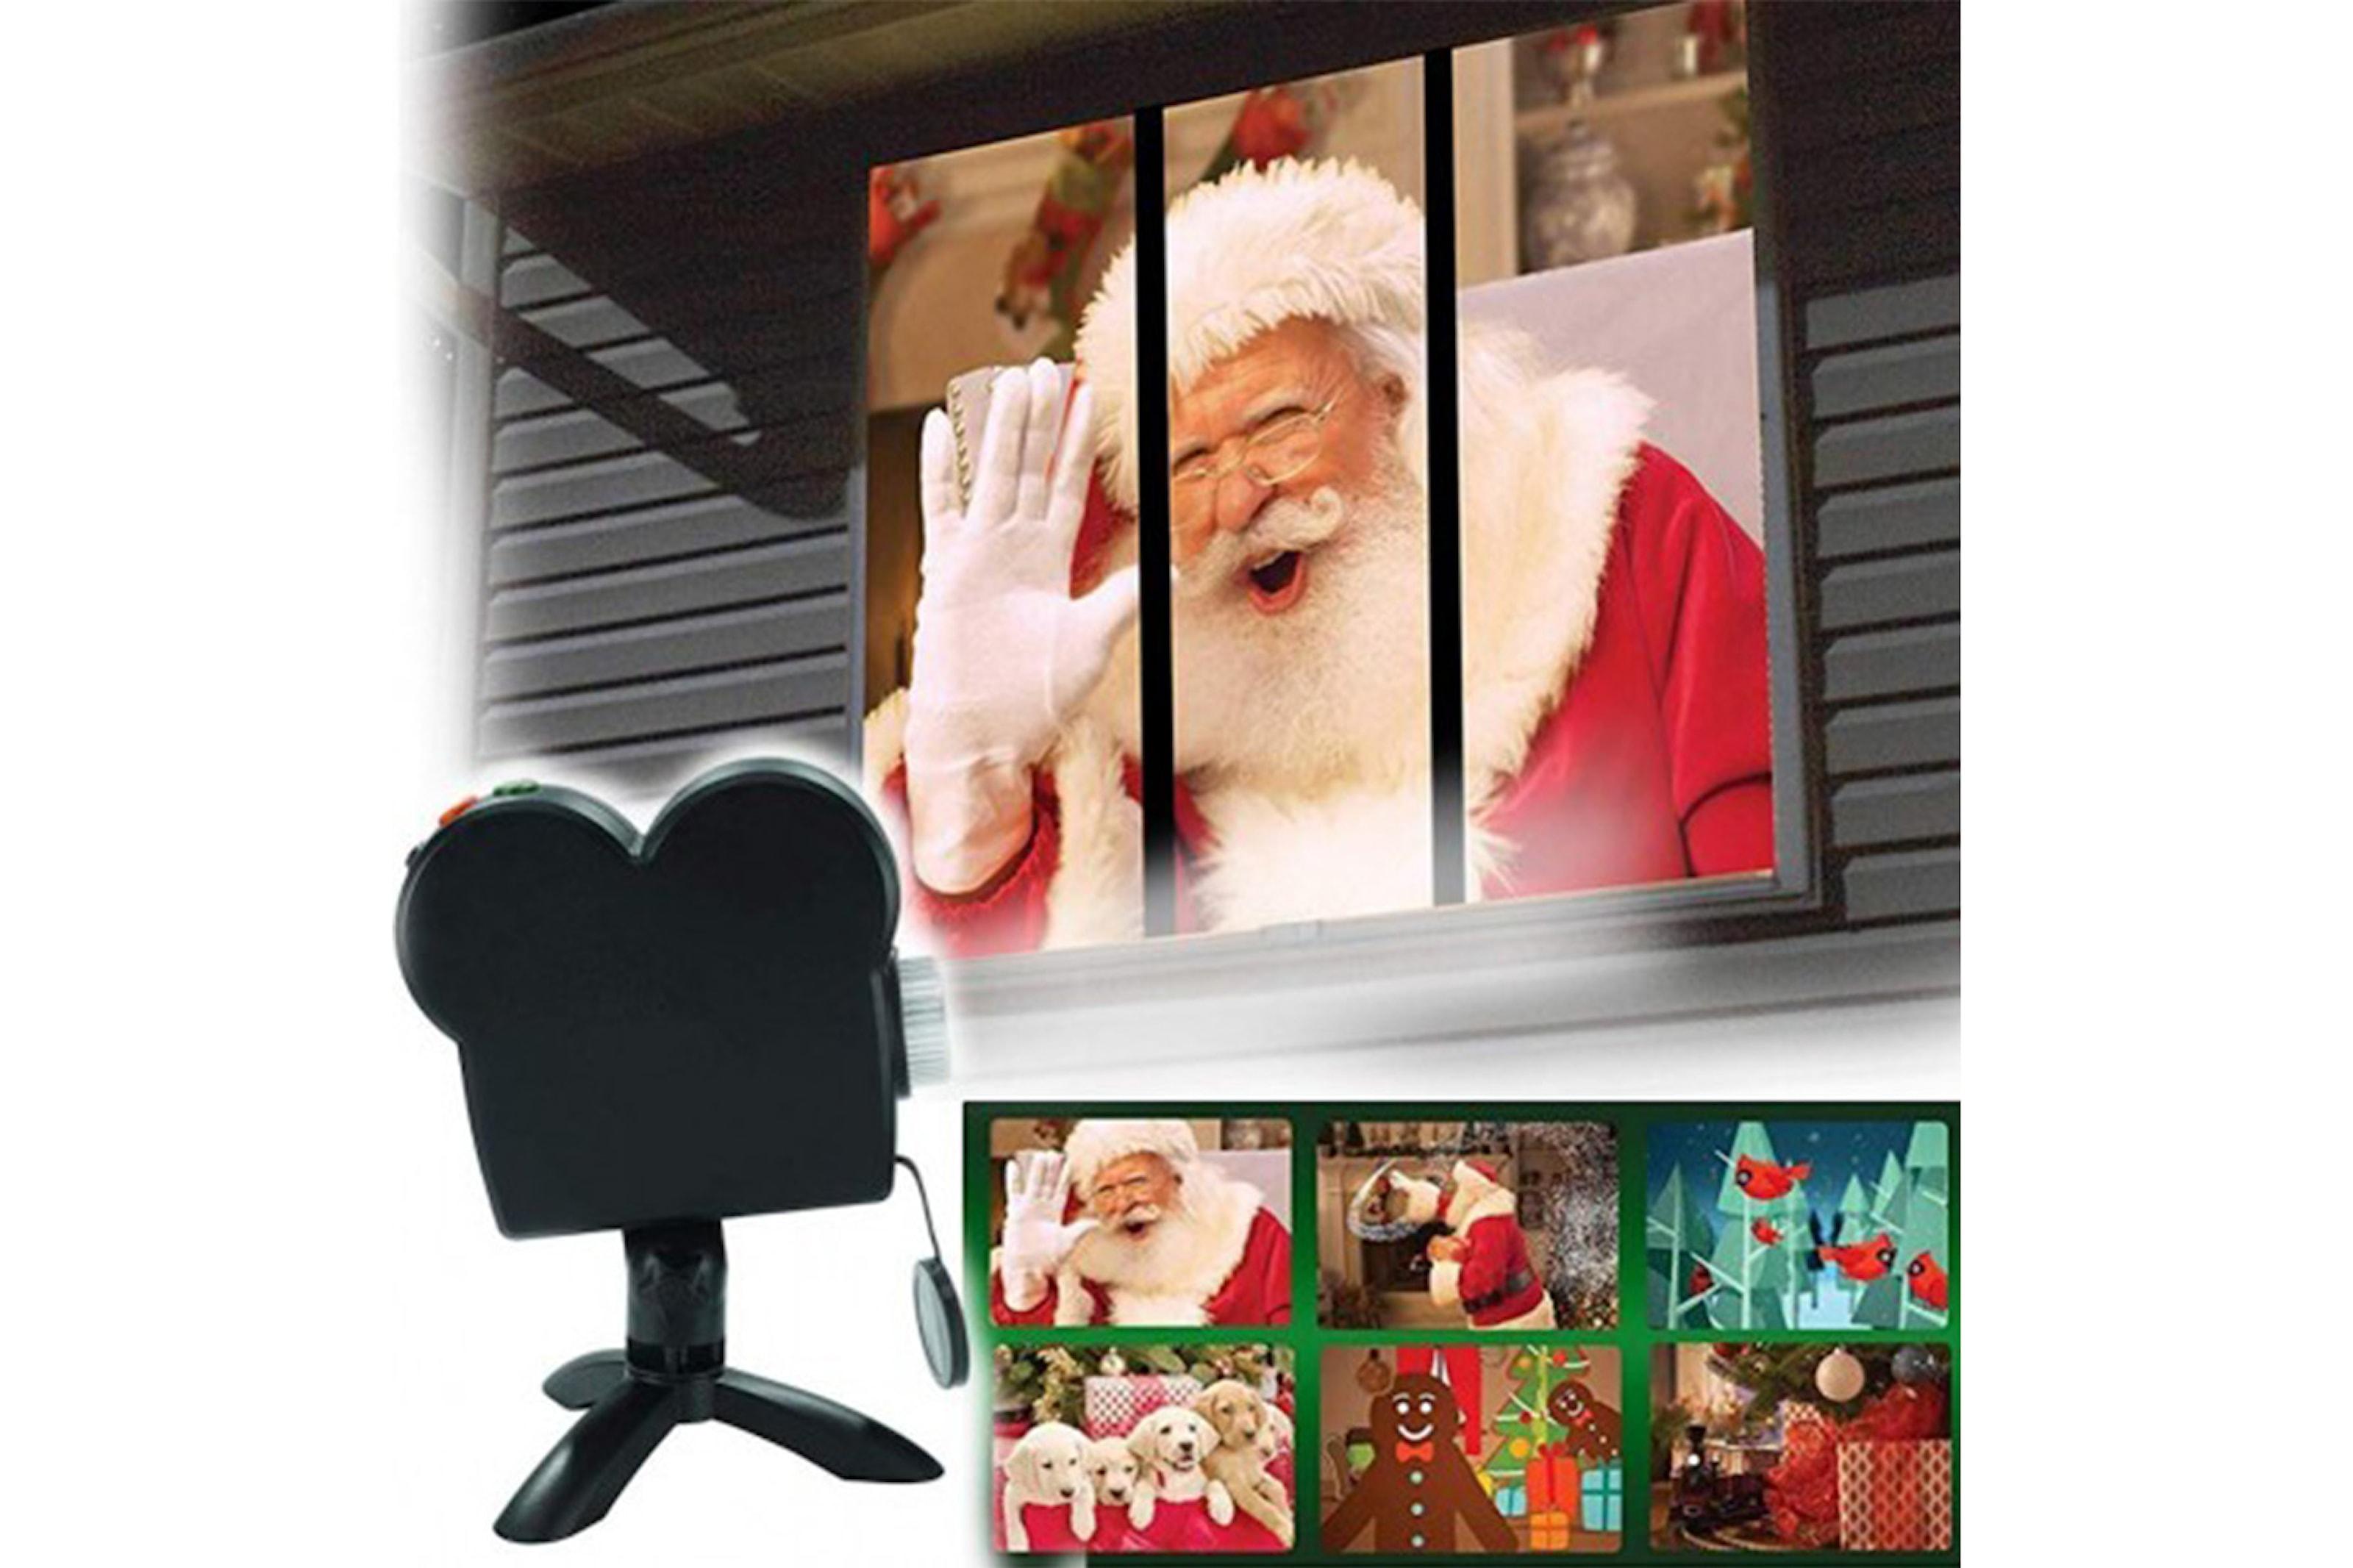 Fönsterprojektor med julmotiv